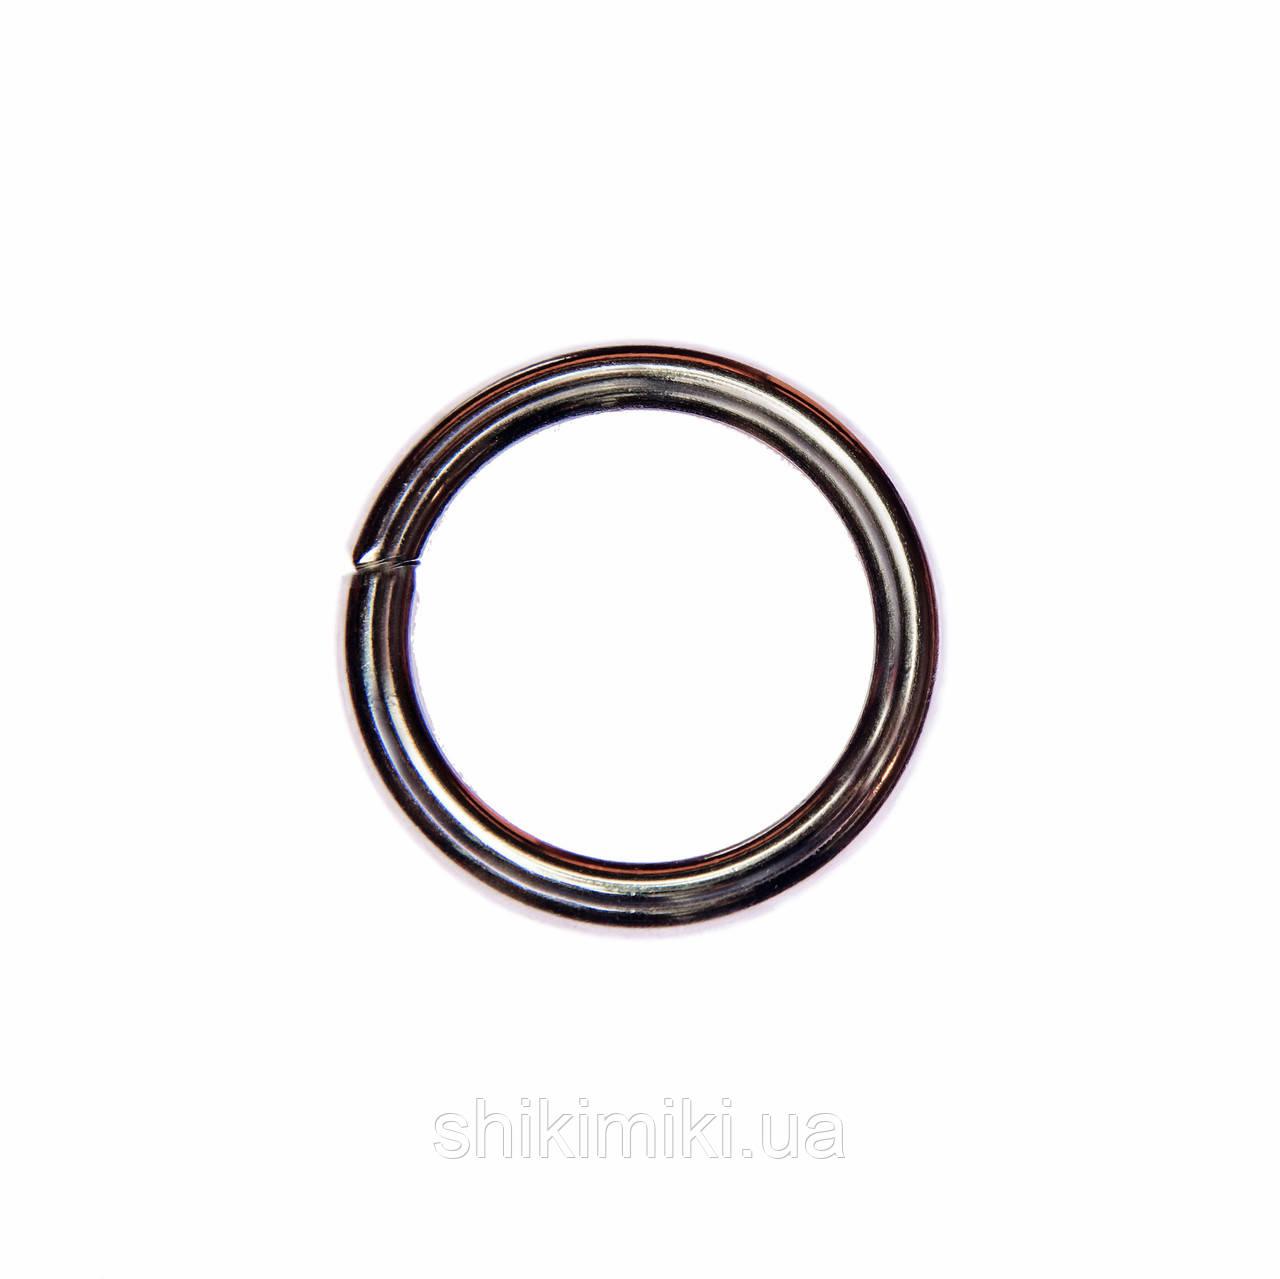 Кольца соединительные KL30-2 (30 мм), цвет темный никель